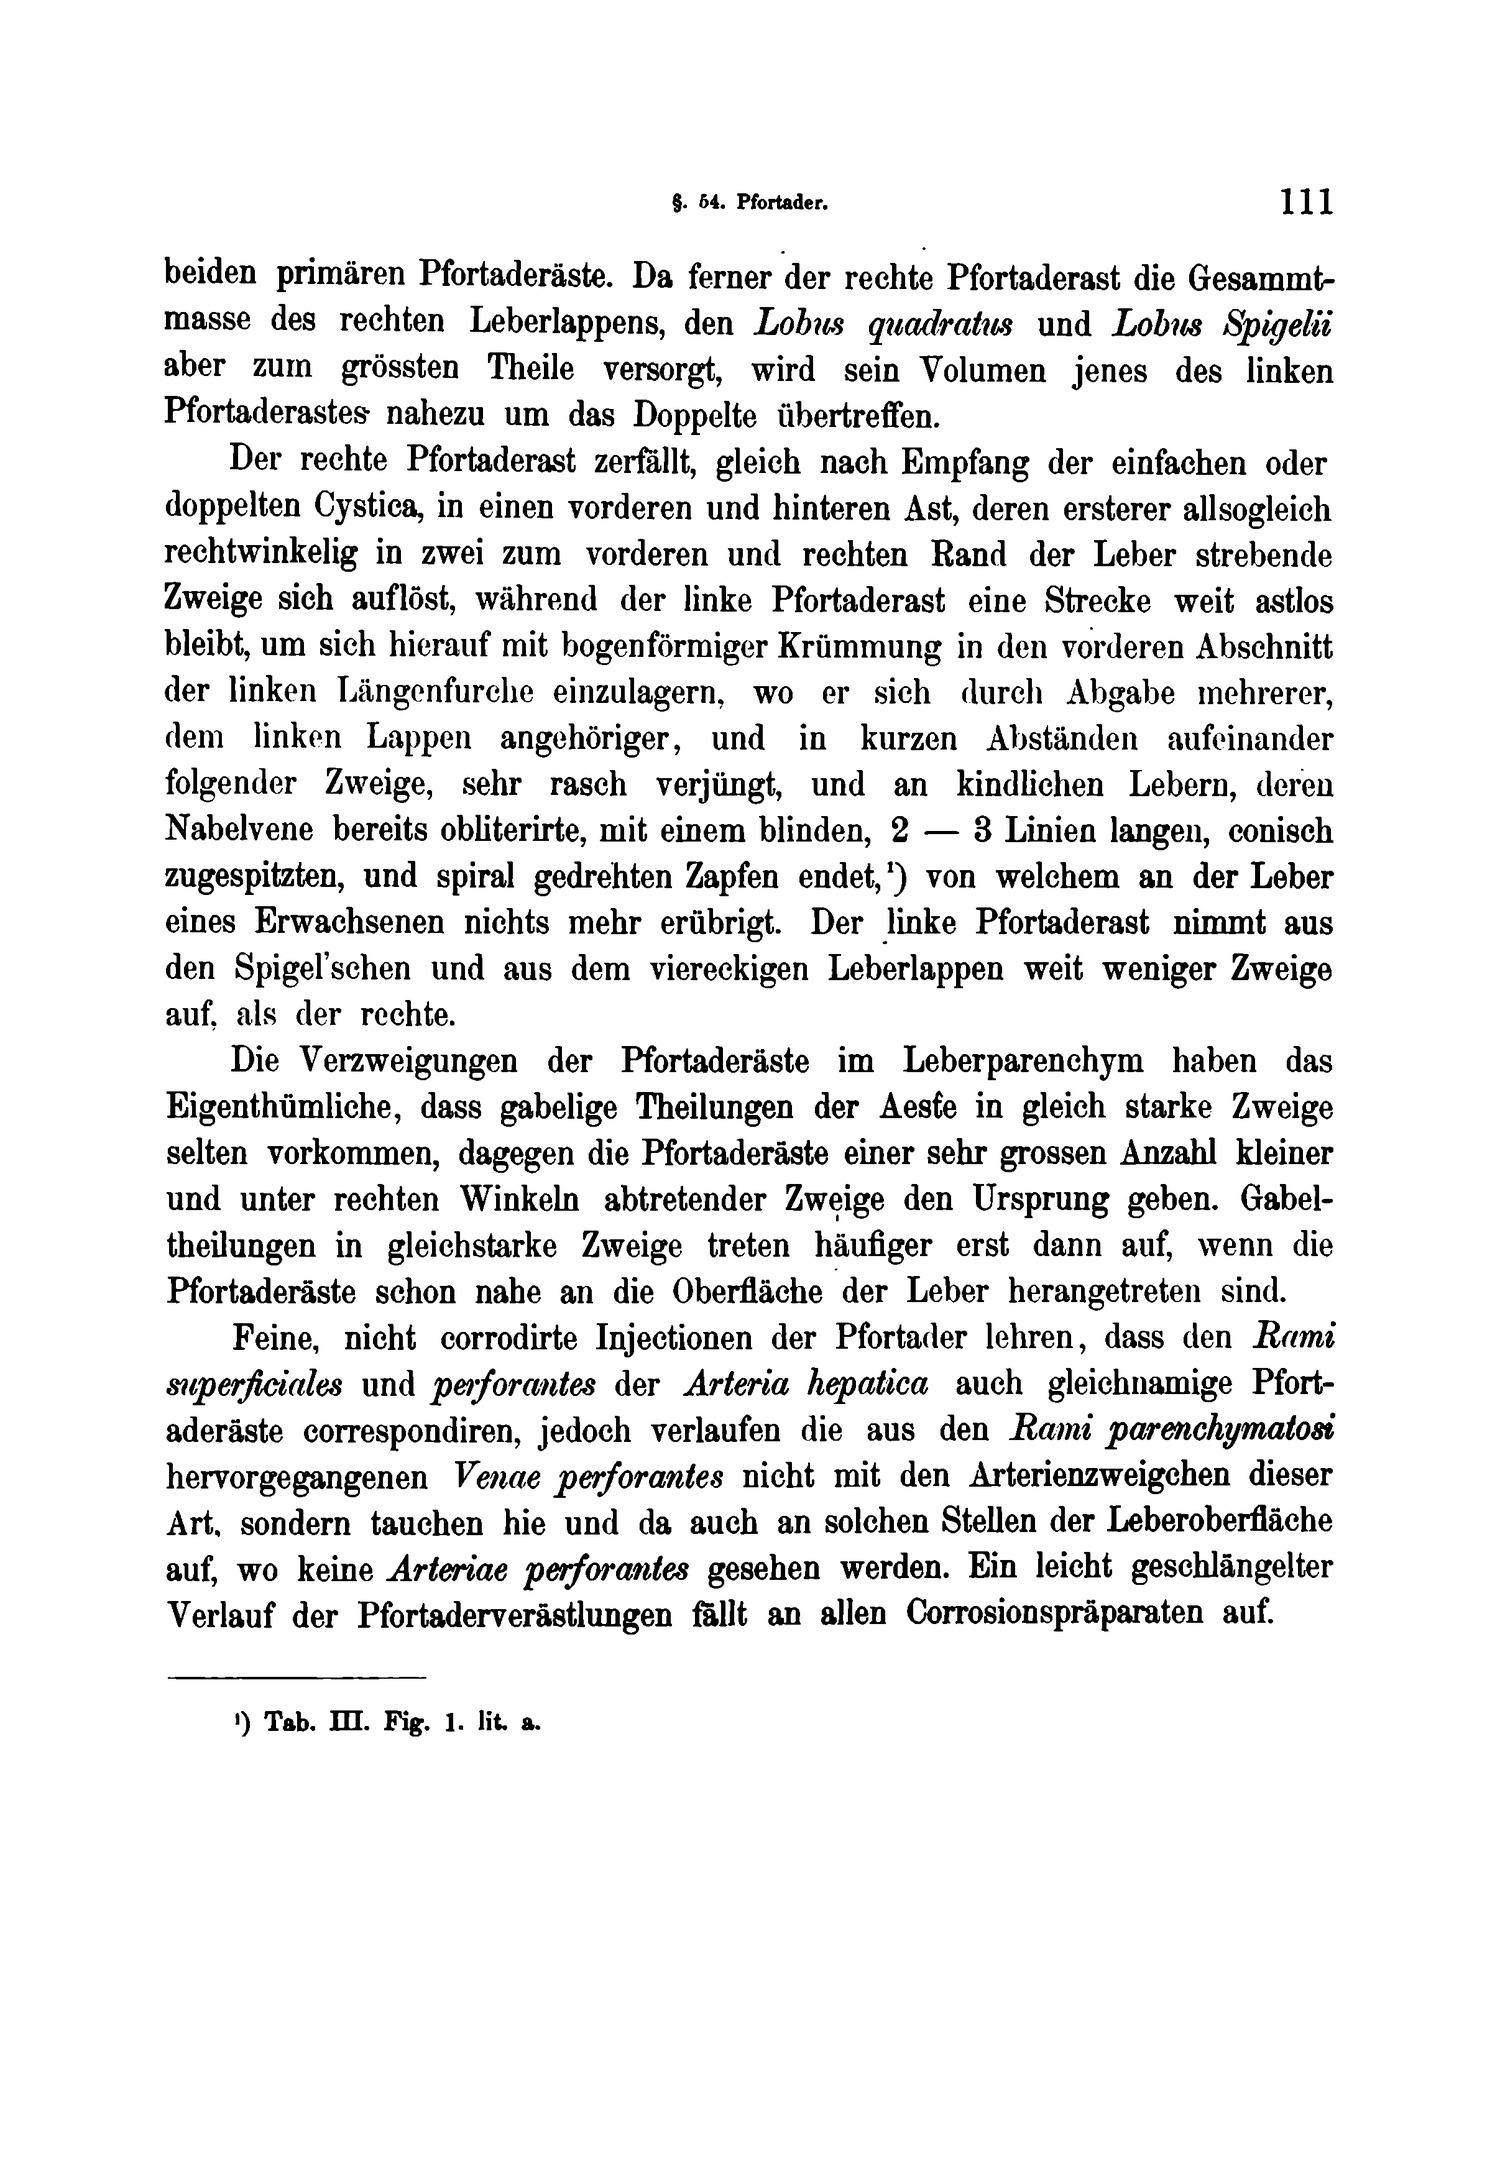 Ausgezeichnet Pfortader Anatomie Ideen - Anatomie Ideen - finotti.info